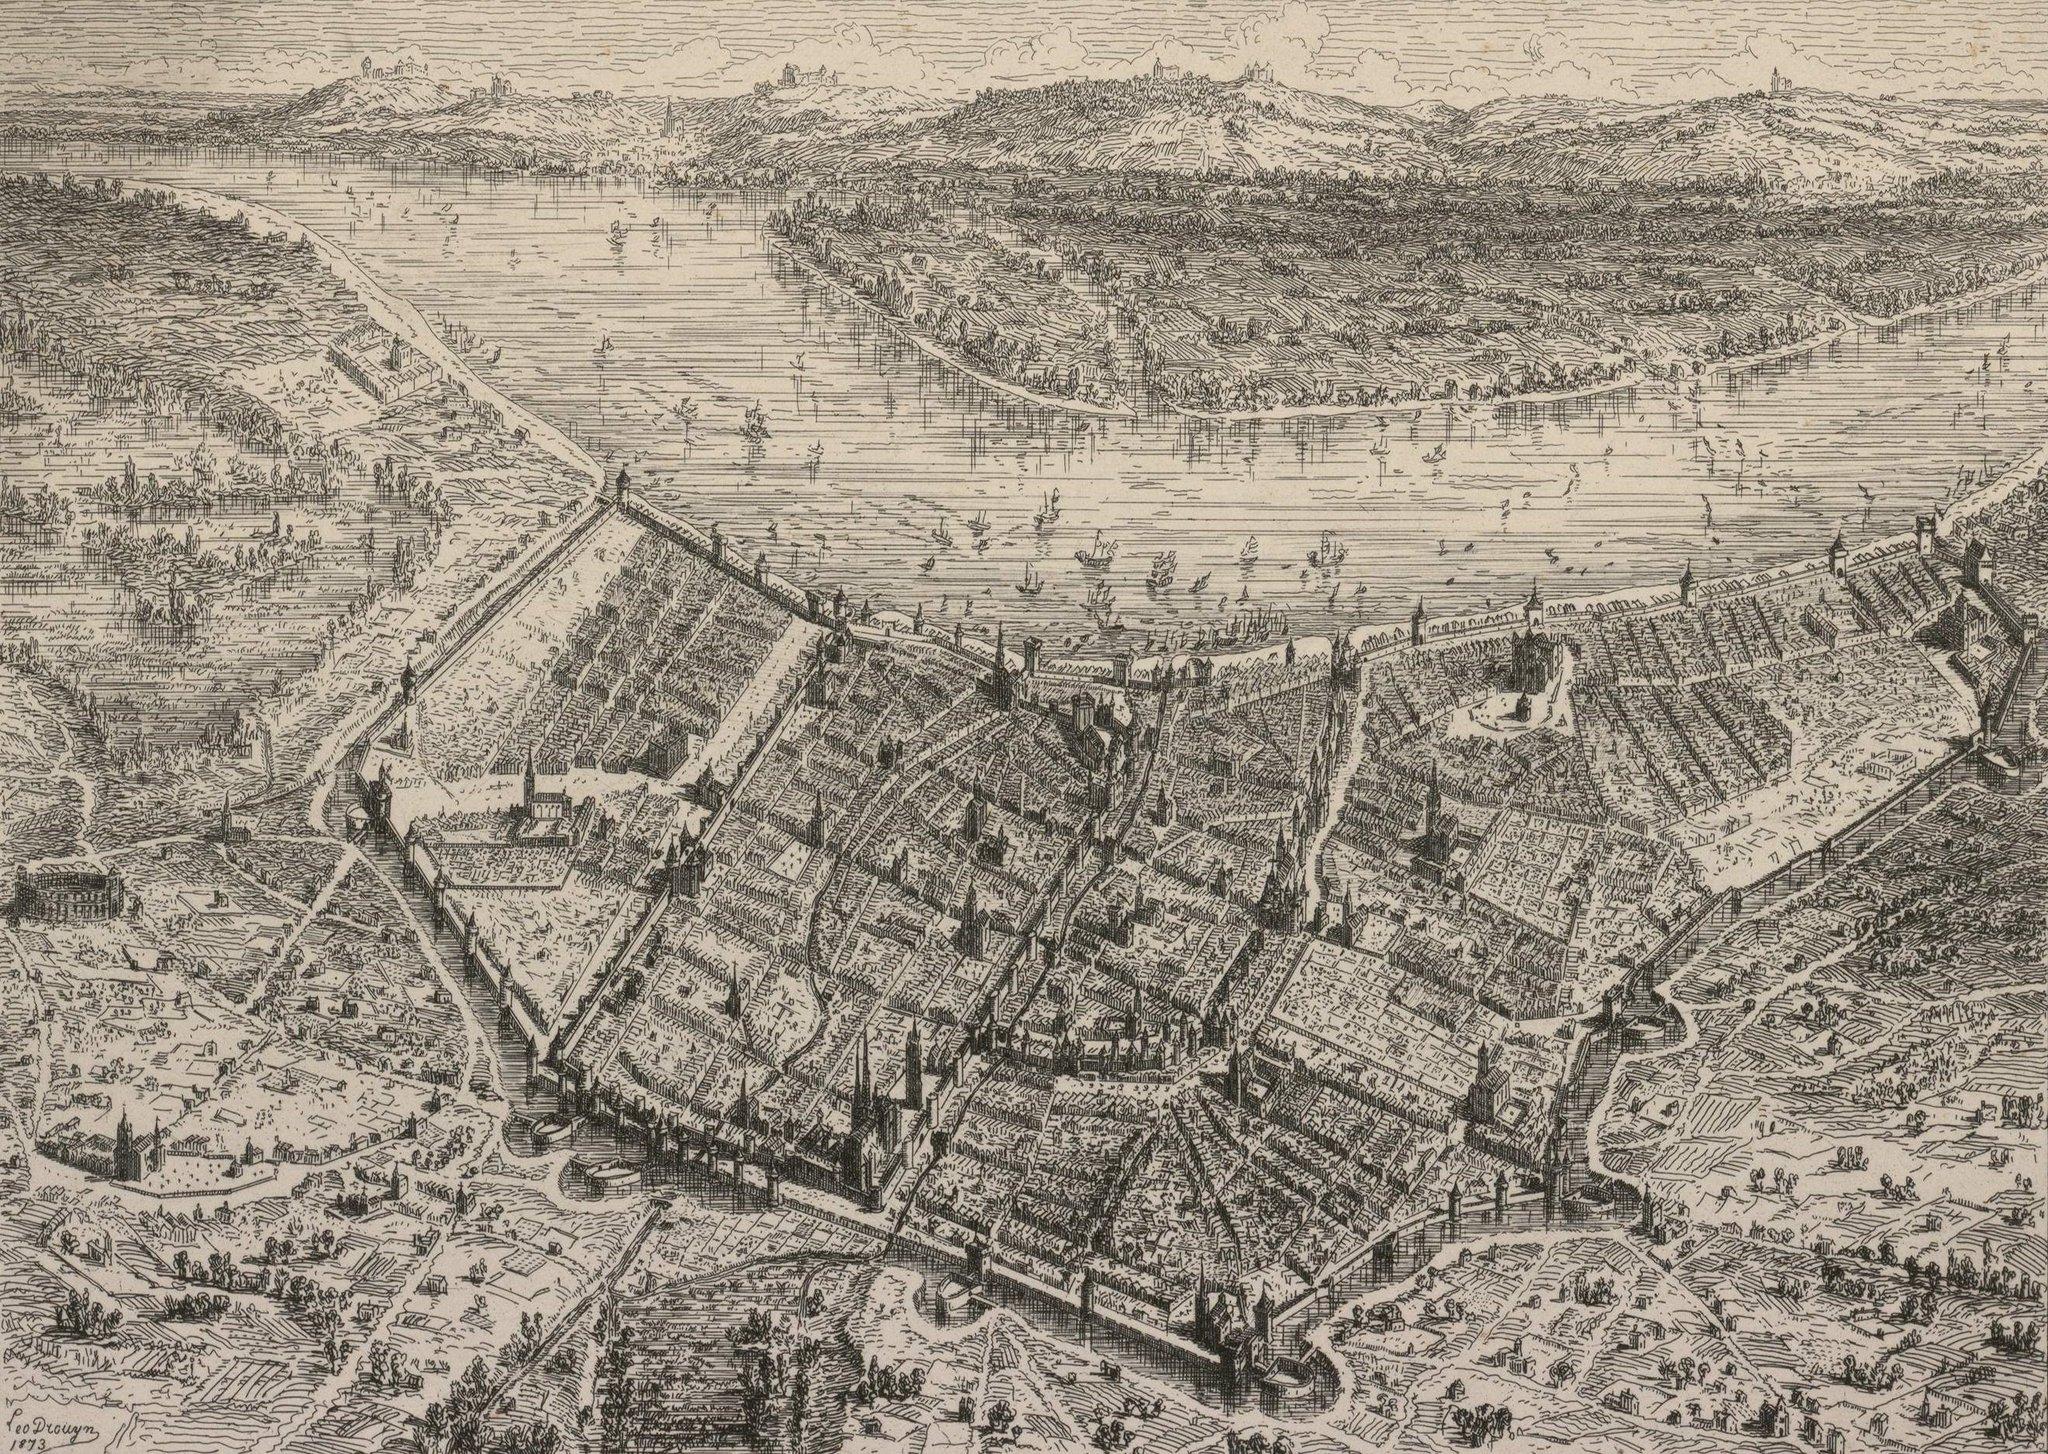 Une jolie vue de #Bordeaux en 1450, dessinée par Léo Drouyn. Et on y aperçoit déjà #Lormont ! #gironde #Garonne #histoire #patrimoine #vuedenhaut #dessin twitter.com/selenebordeaux…